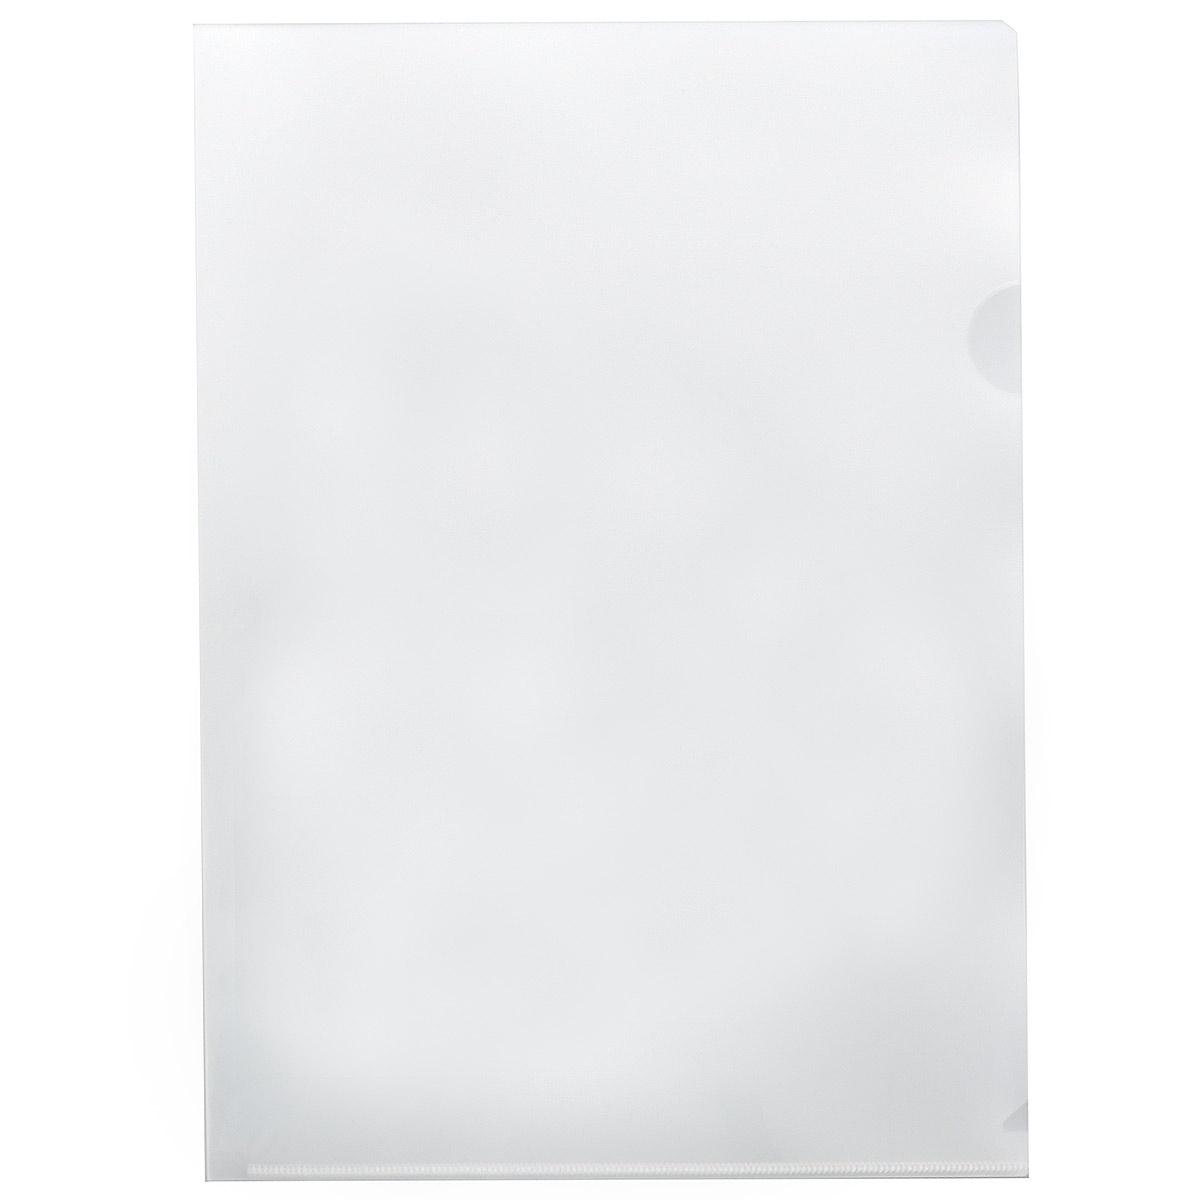 Centrum Папка-уголок цвет прозрачный 12 шт83015Папка-уголок Centrum - это удобный и практичный офисный инструмент, предназначенный для хранения и транспортировки рабочих бумаг и документов формата А4. Папка изготовлена из плотного глянцевого пластика, имеет опрятный и неброский вид. В комплект входят 12 папок формата А4.Папка-уголок - это незаменимый атрибут для студента, школьника, офисного работника. Такая папка надежно сохранит ваши документы и сбережет их от повреждений, пыли и влаги.